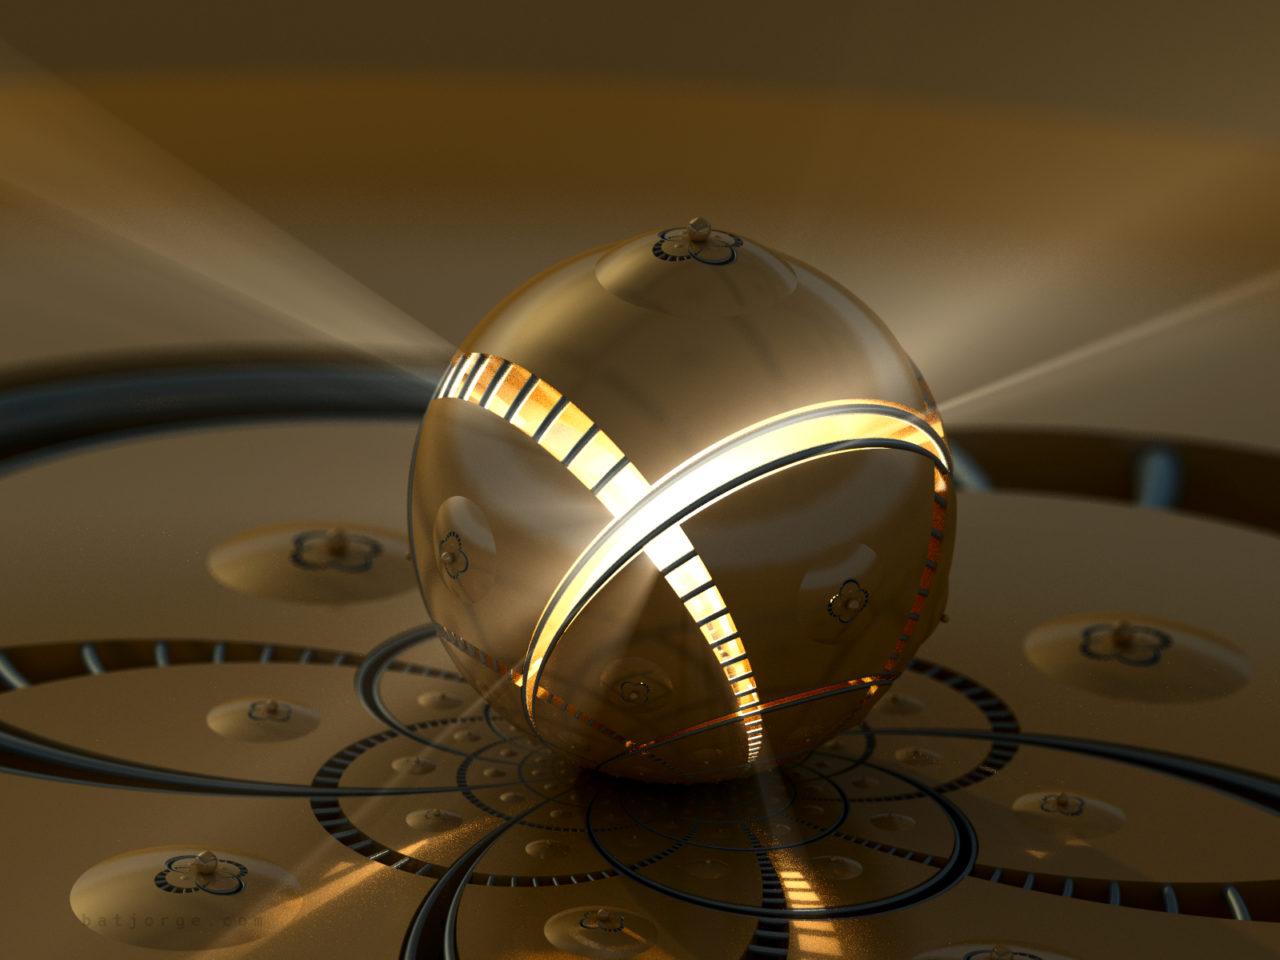 3d fractal. mandelbulb3d. dIFS. modern metallic volumetric lights